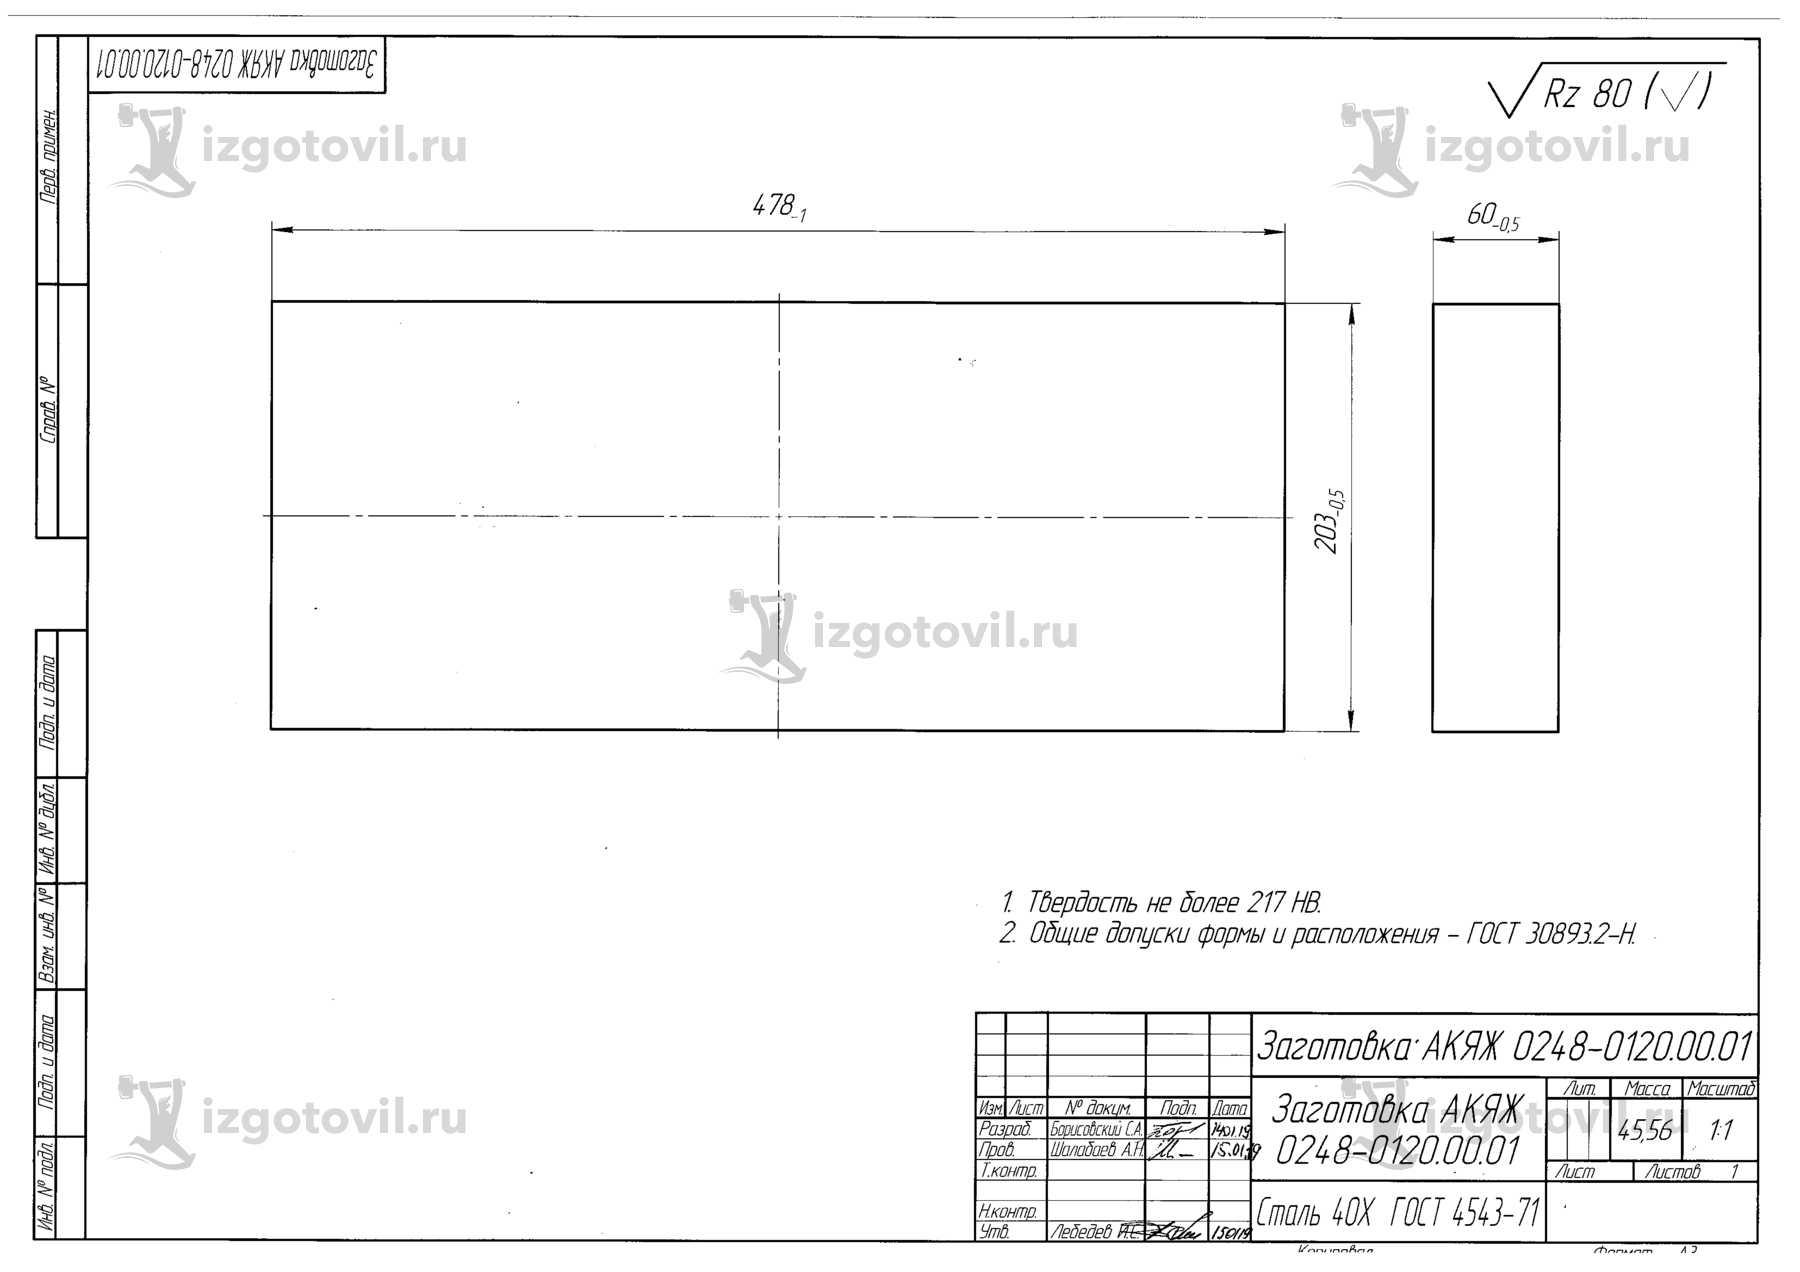 Изготовление деталей по чертежам (заготовки, шпильки).